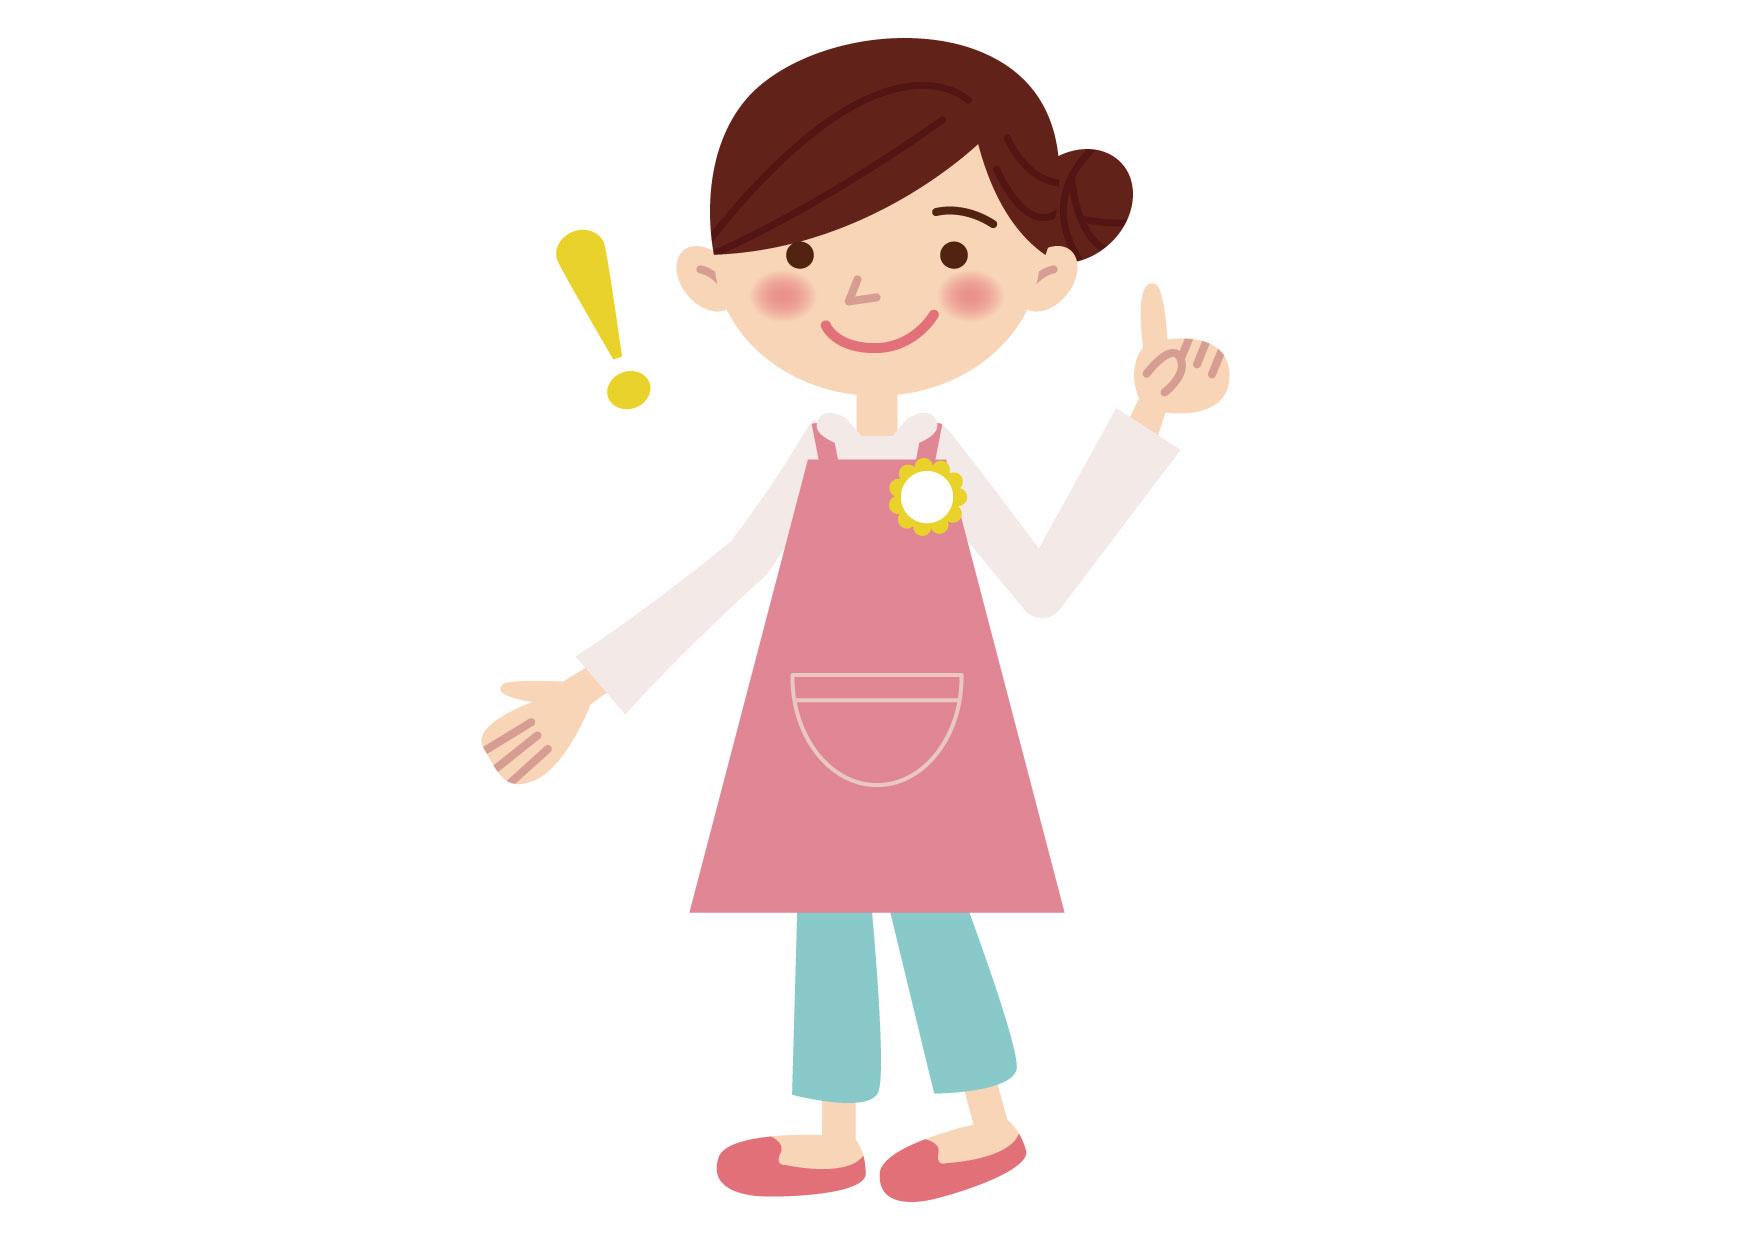 可愛いイラスト無料|保育士 女性 チェックポイント ポーズ − free illustration Nursery school woman checkpoint pose